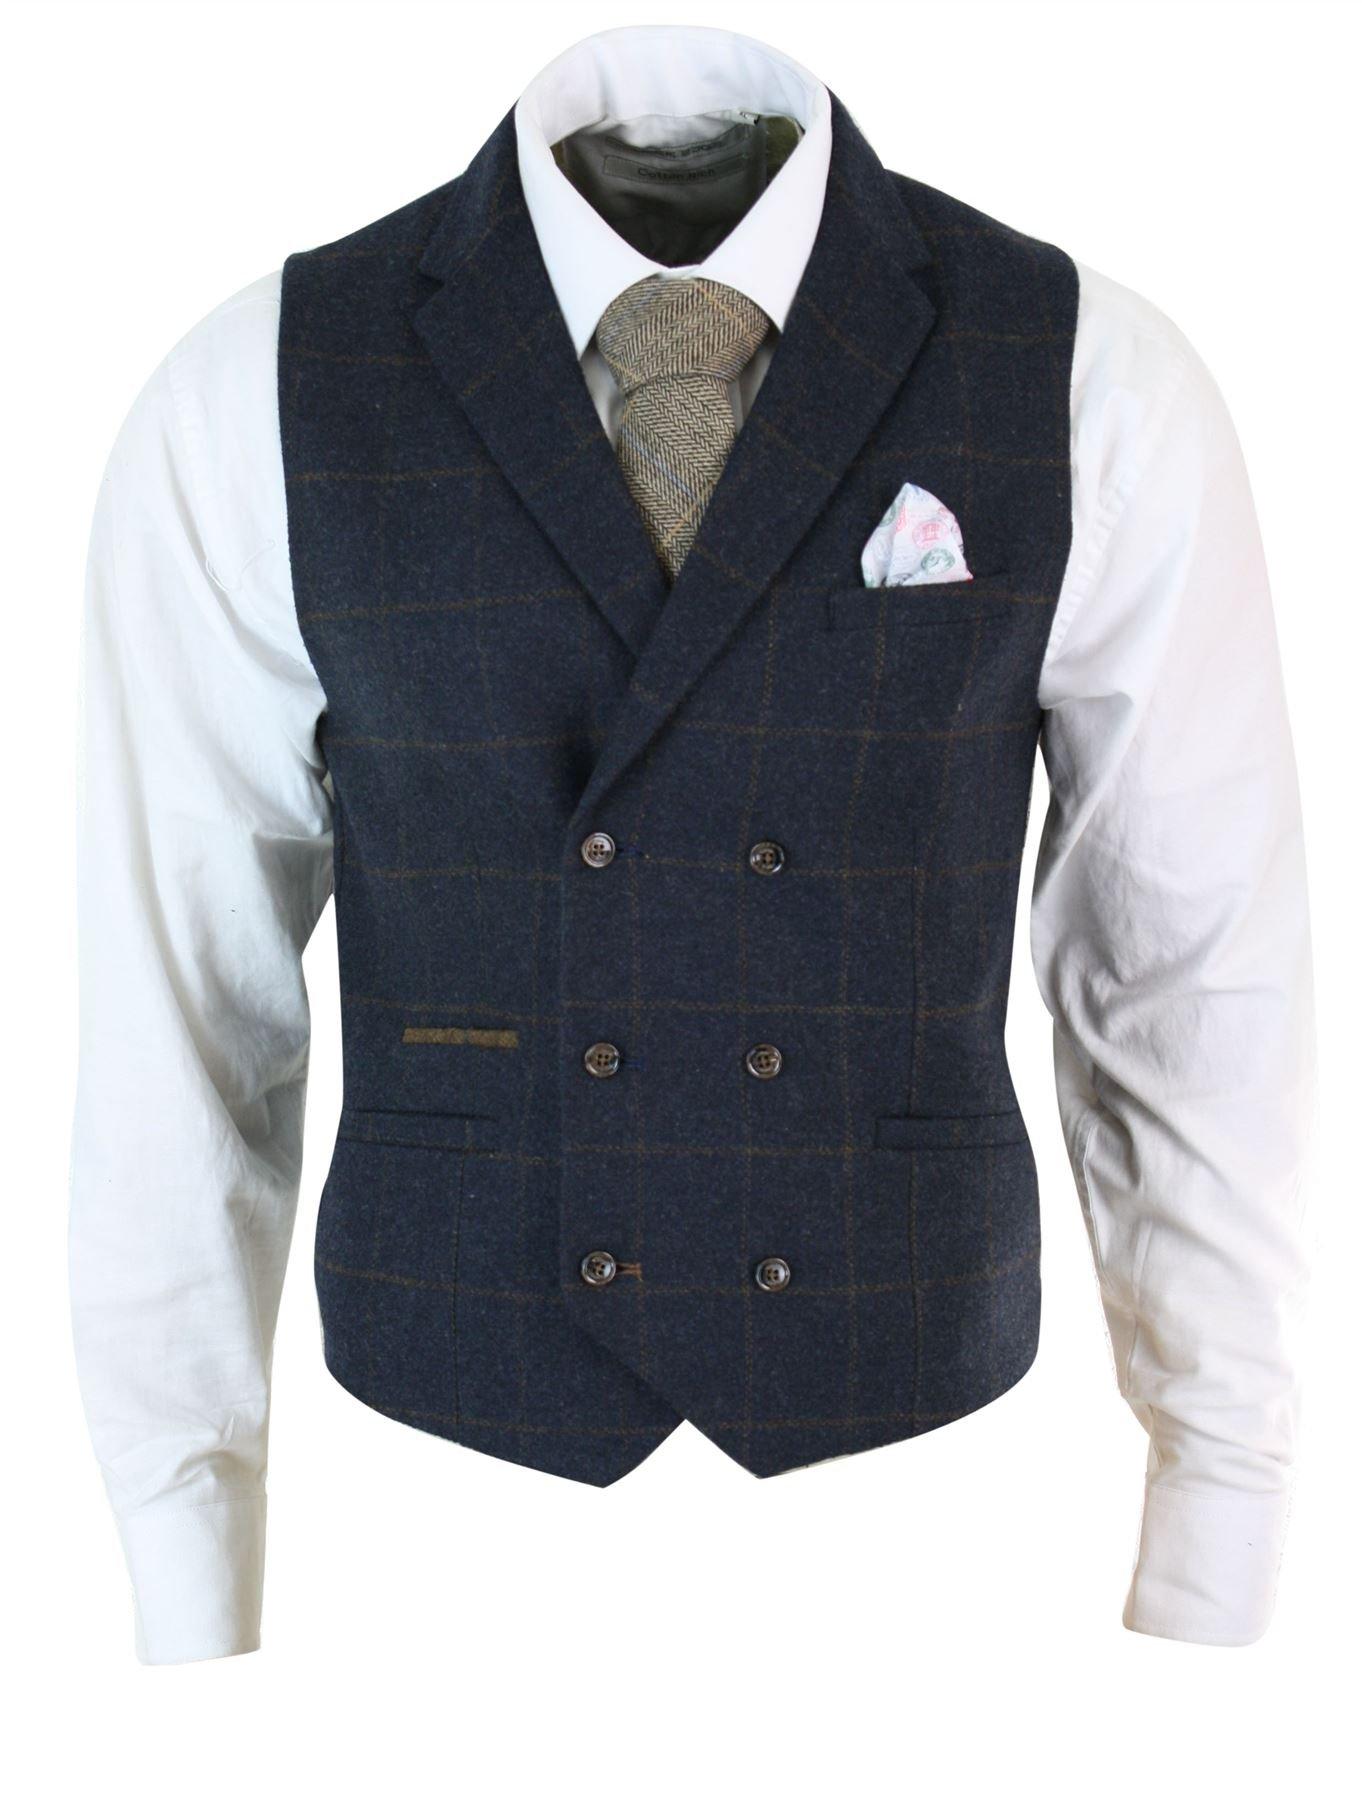 Mens Double Breasted Herringbone Tweed Peaky Blinders Vintage Check Waistcoat Navy-Blue by Cavani